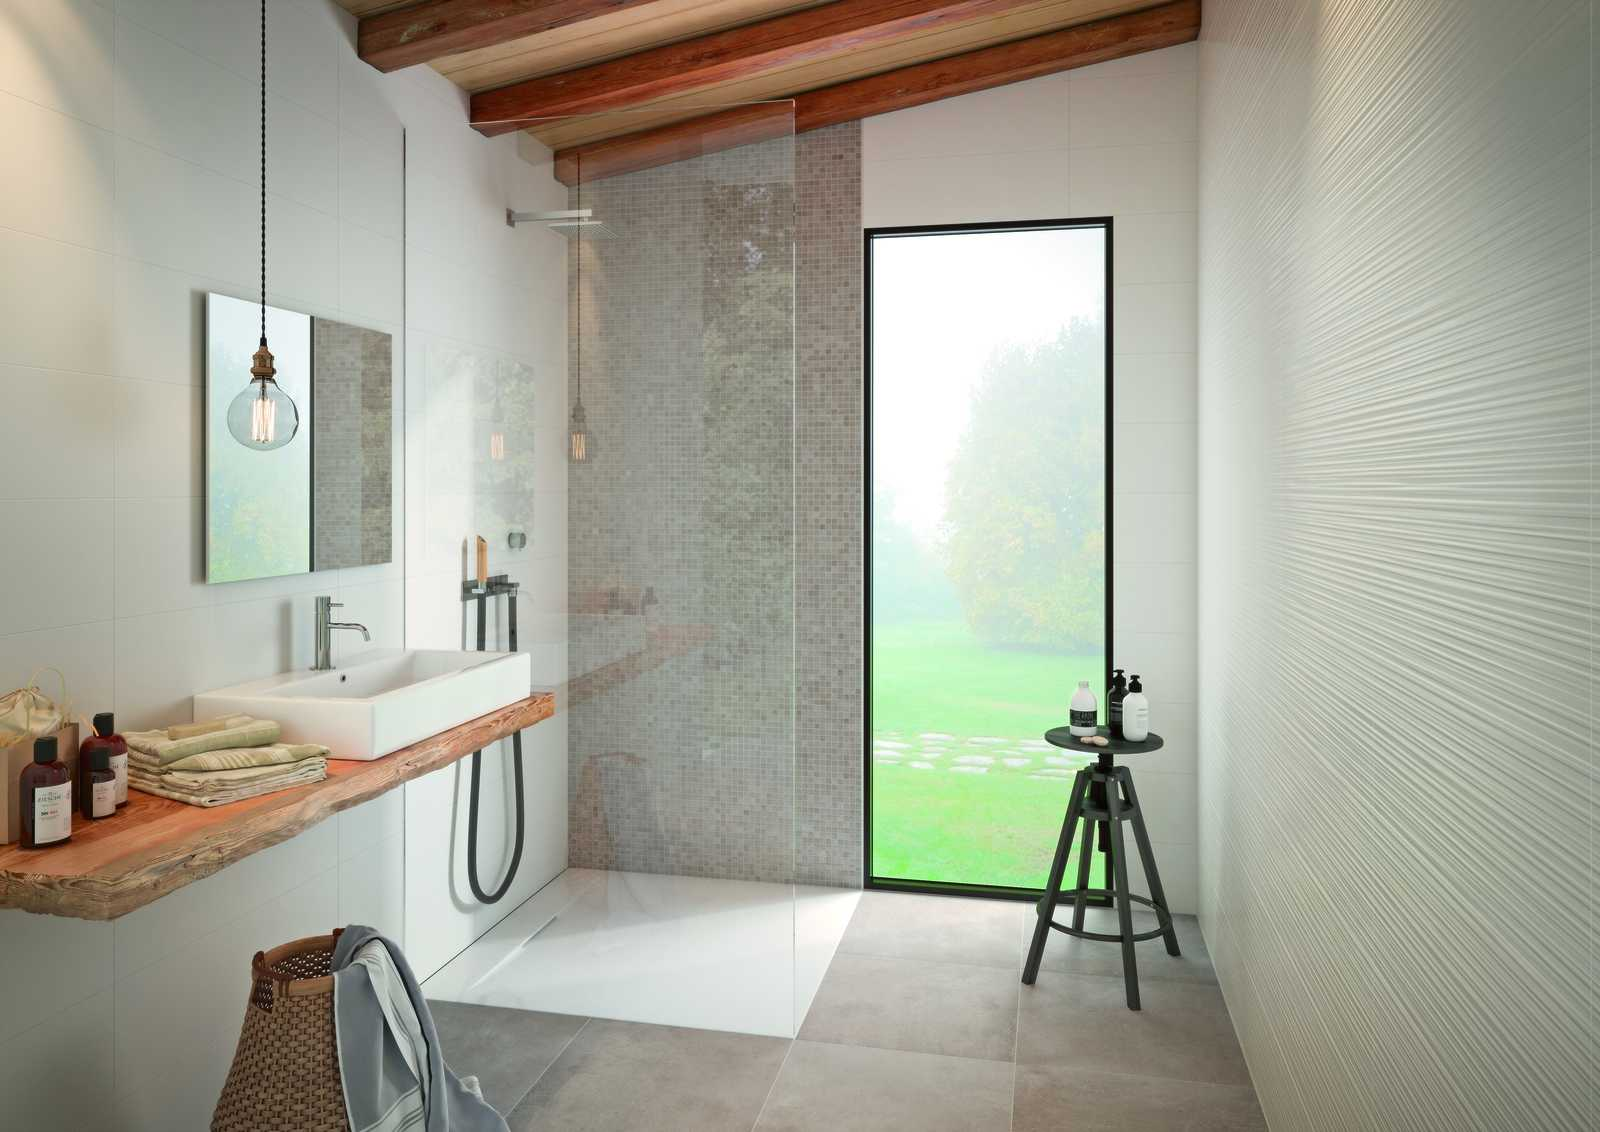 Ragno Carrelage Salle De Bain : Carrelage salle de bain céramique et grès cérame marazzi